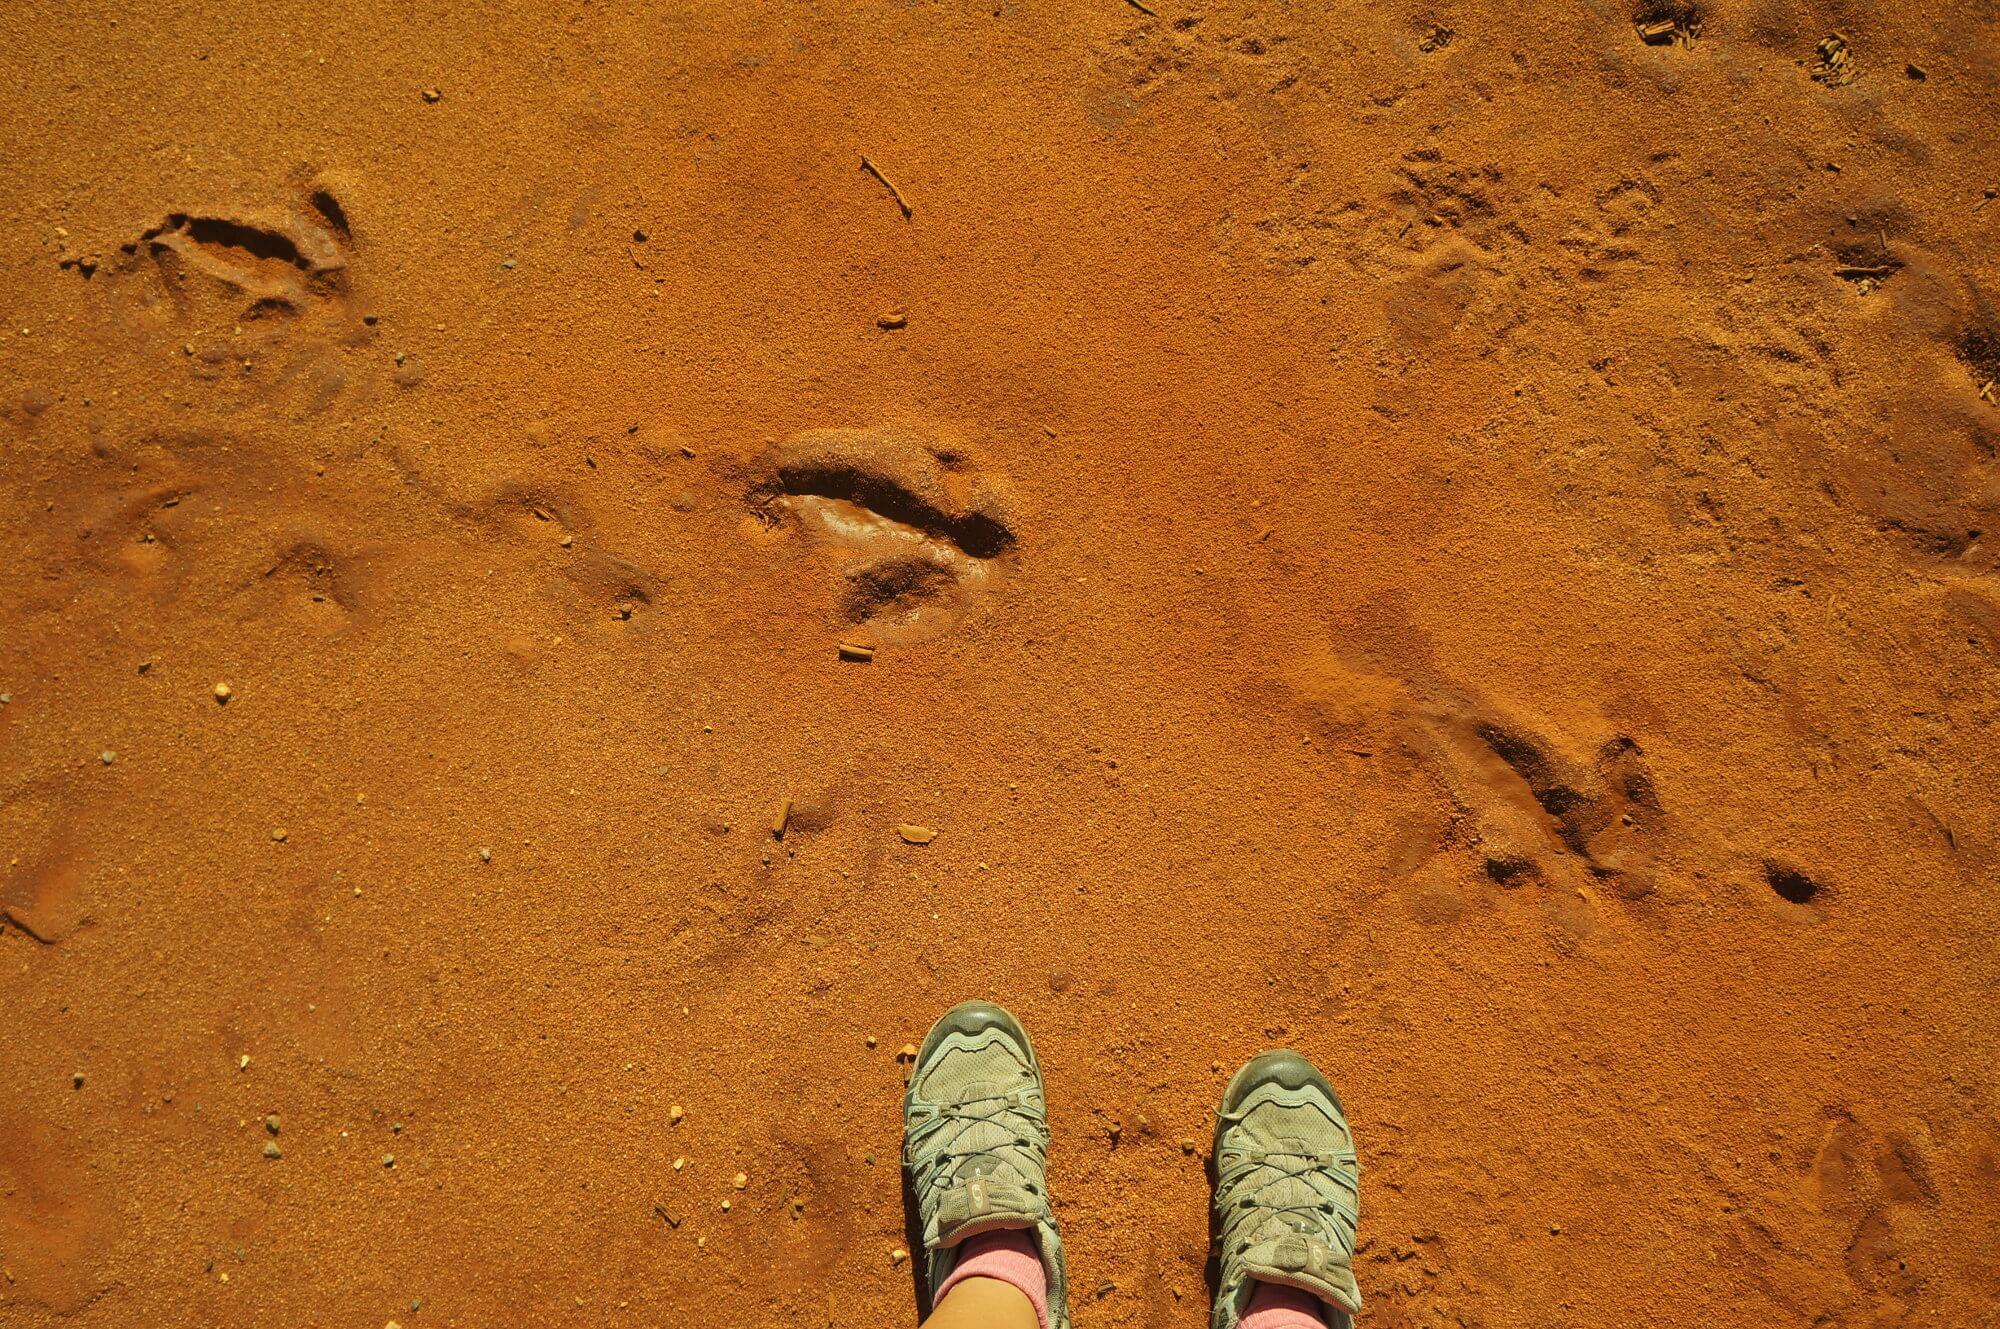 australia-outback-slady-emu-czerwona-ziemia